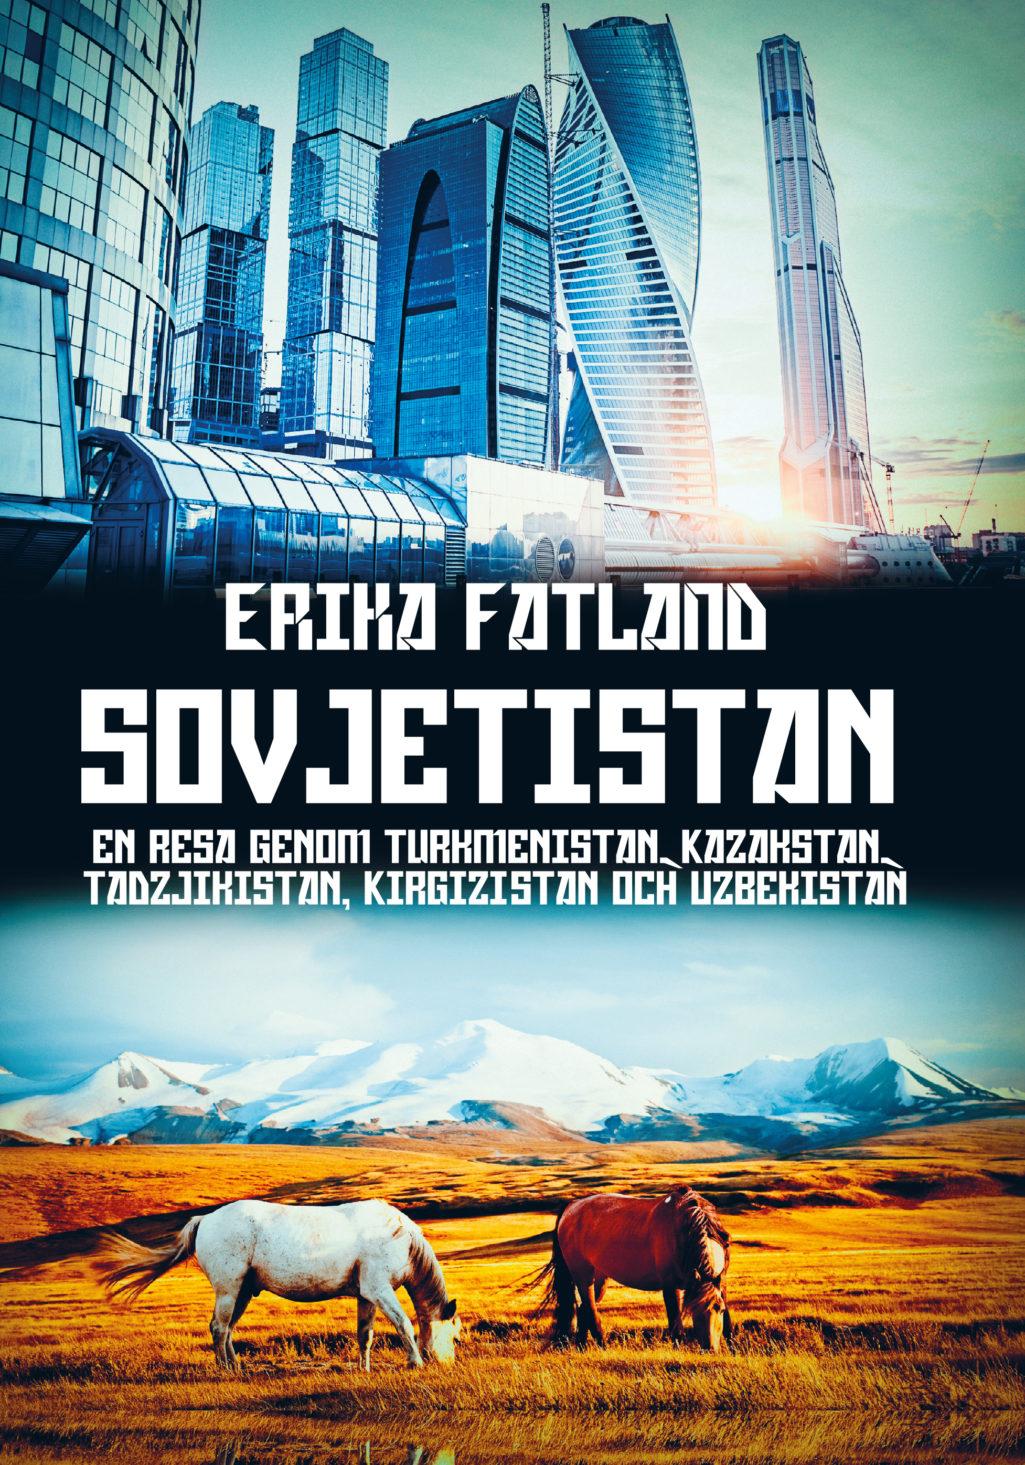 leopard_fatland_sovietistan_omslag_skydds-indd-2